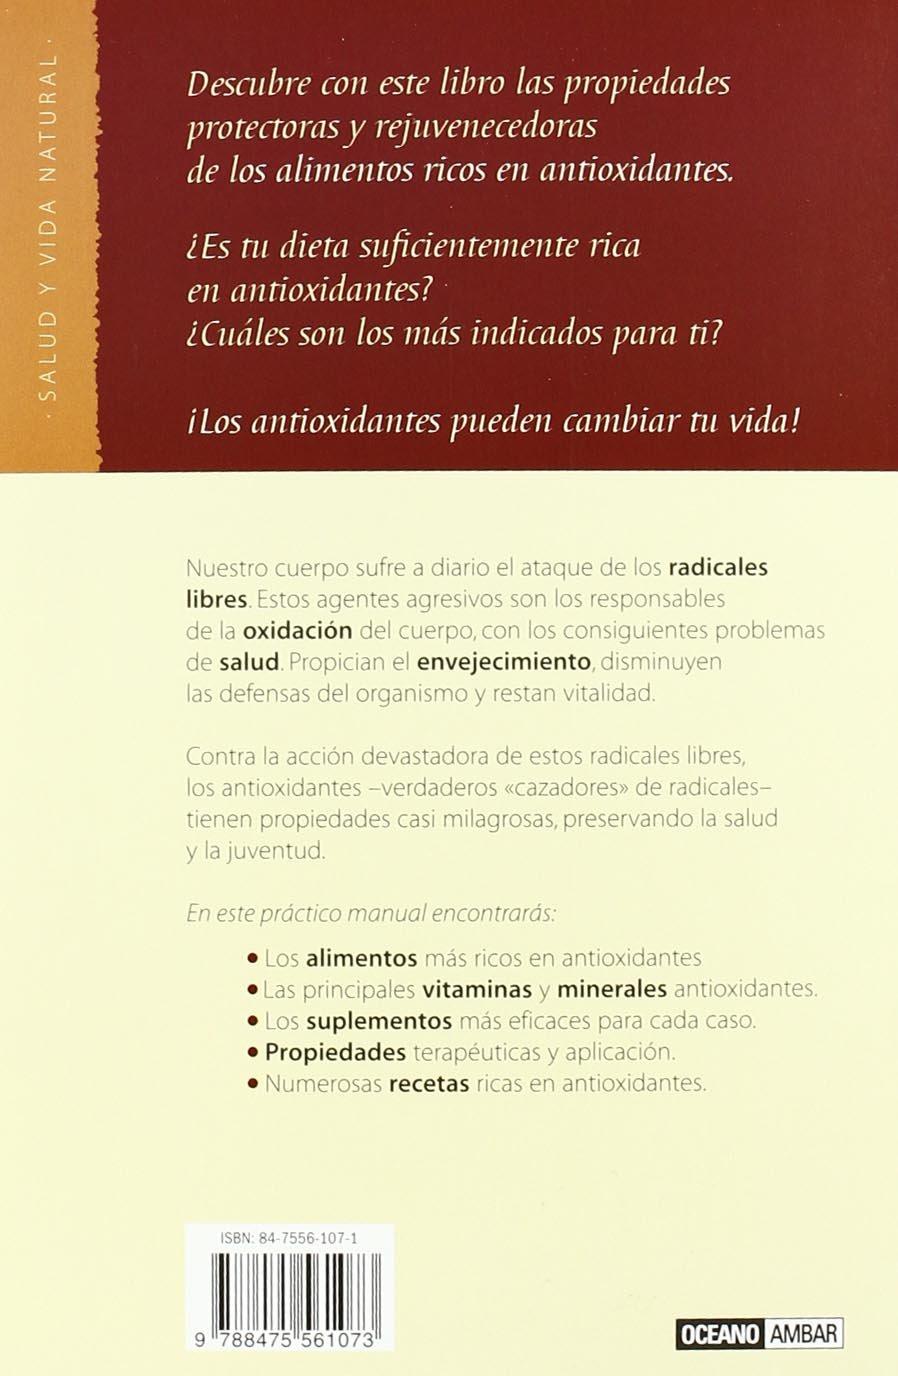 Antioxidantes para rejuvenecer: Adriana Ortemberg: 9788475561073: Amazon.com: Books